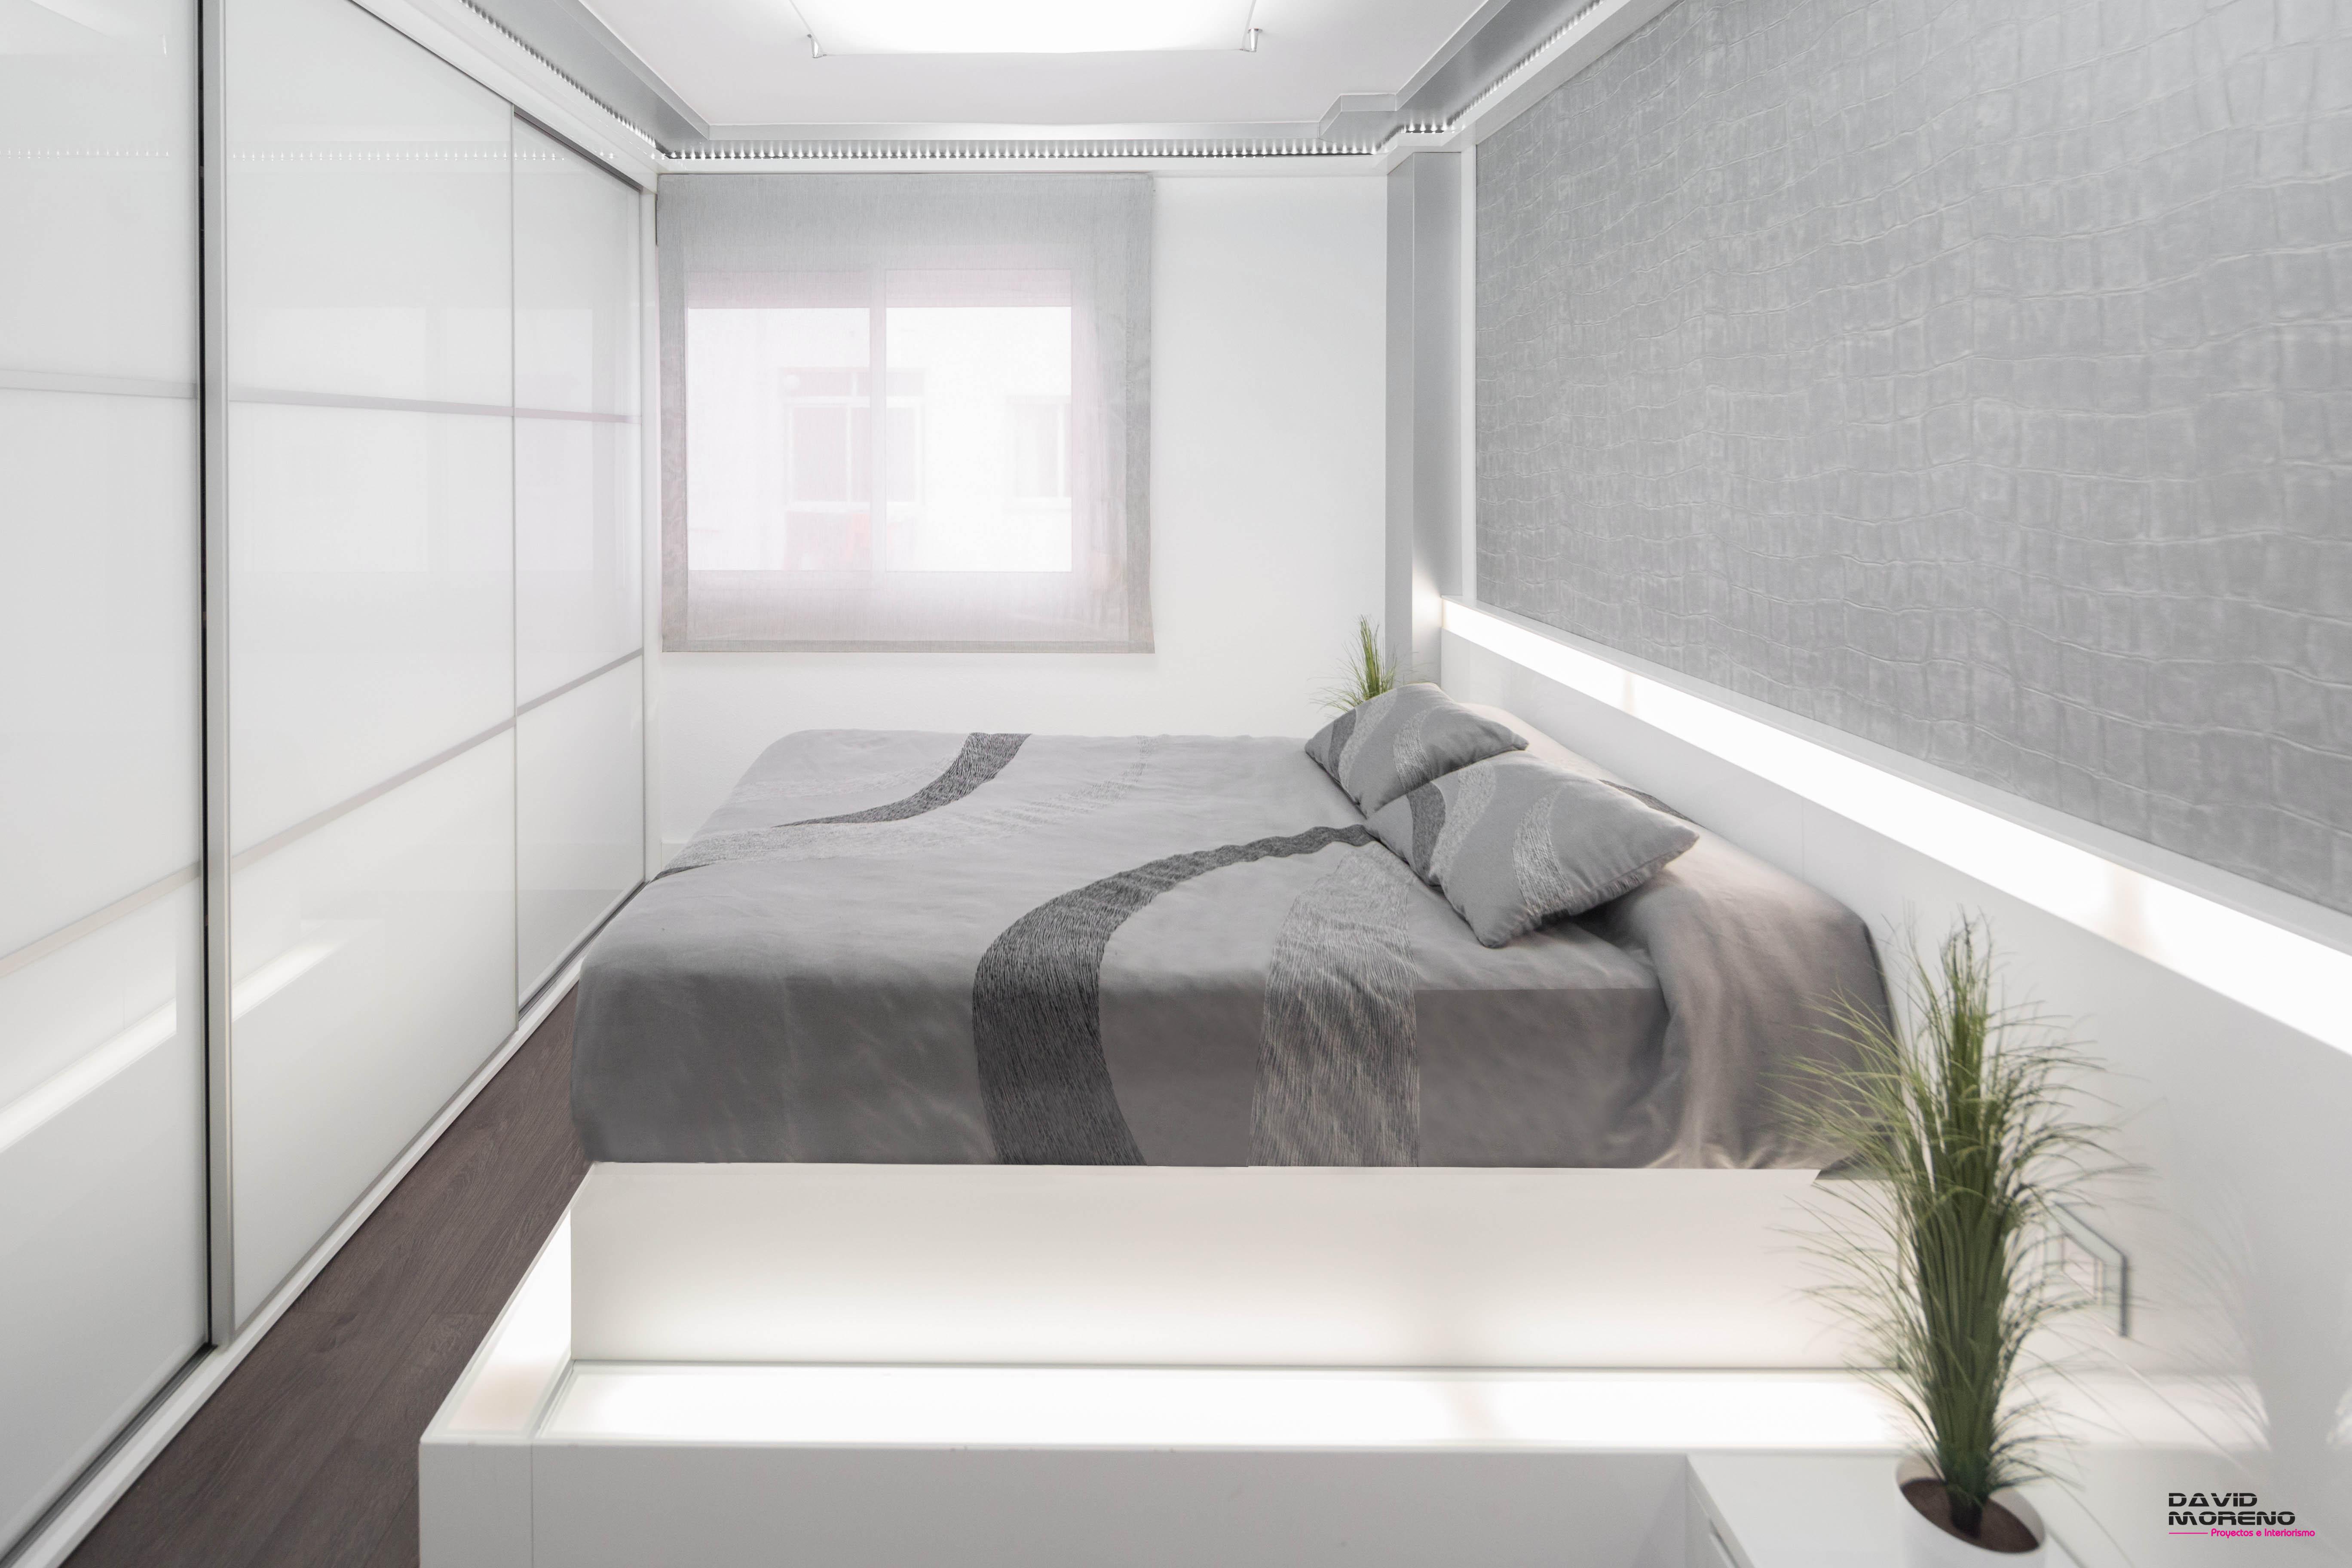 Optimizar el espacio disponible david moreno interiores estudio de interiorismo en valencia - David moreno interiores ...